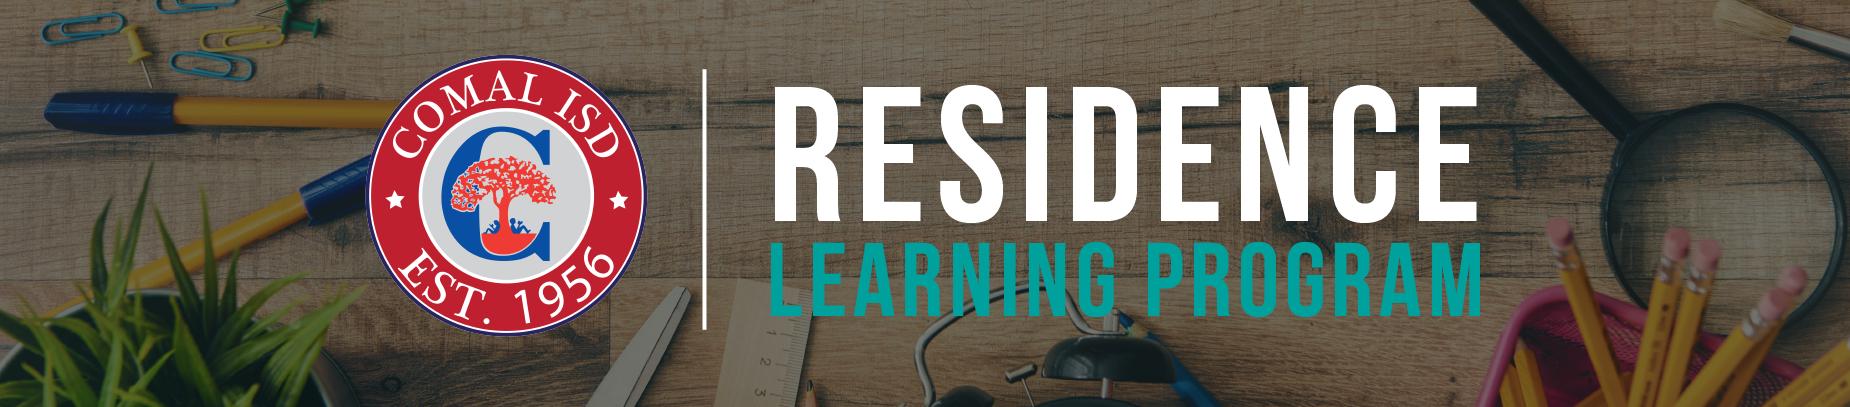 Residence Learning Program Banner